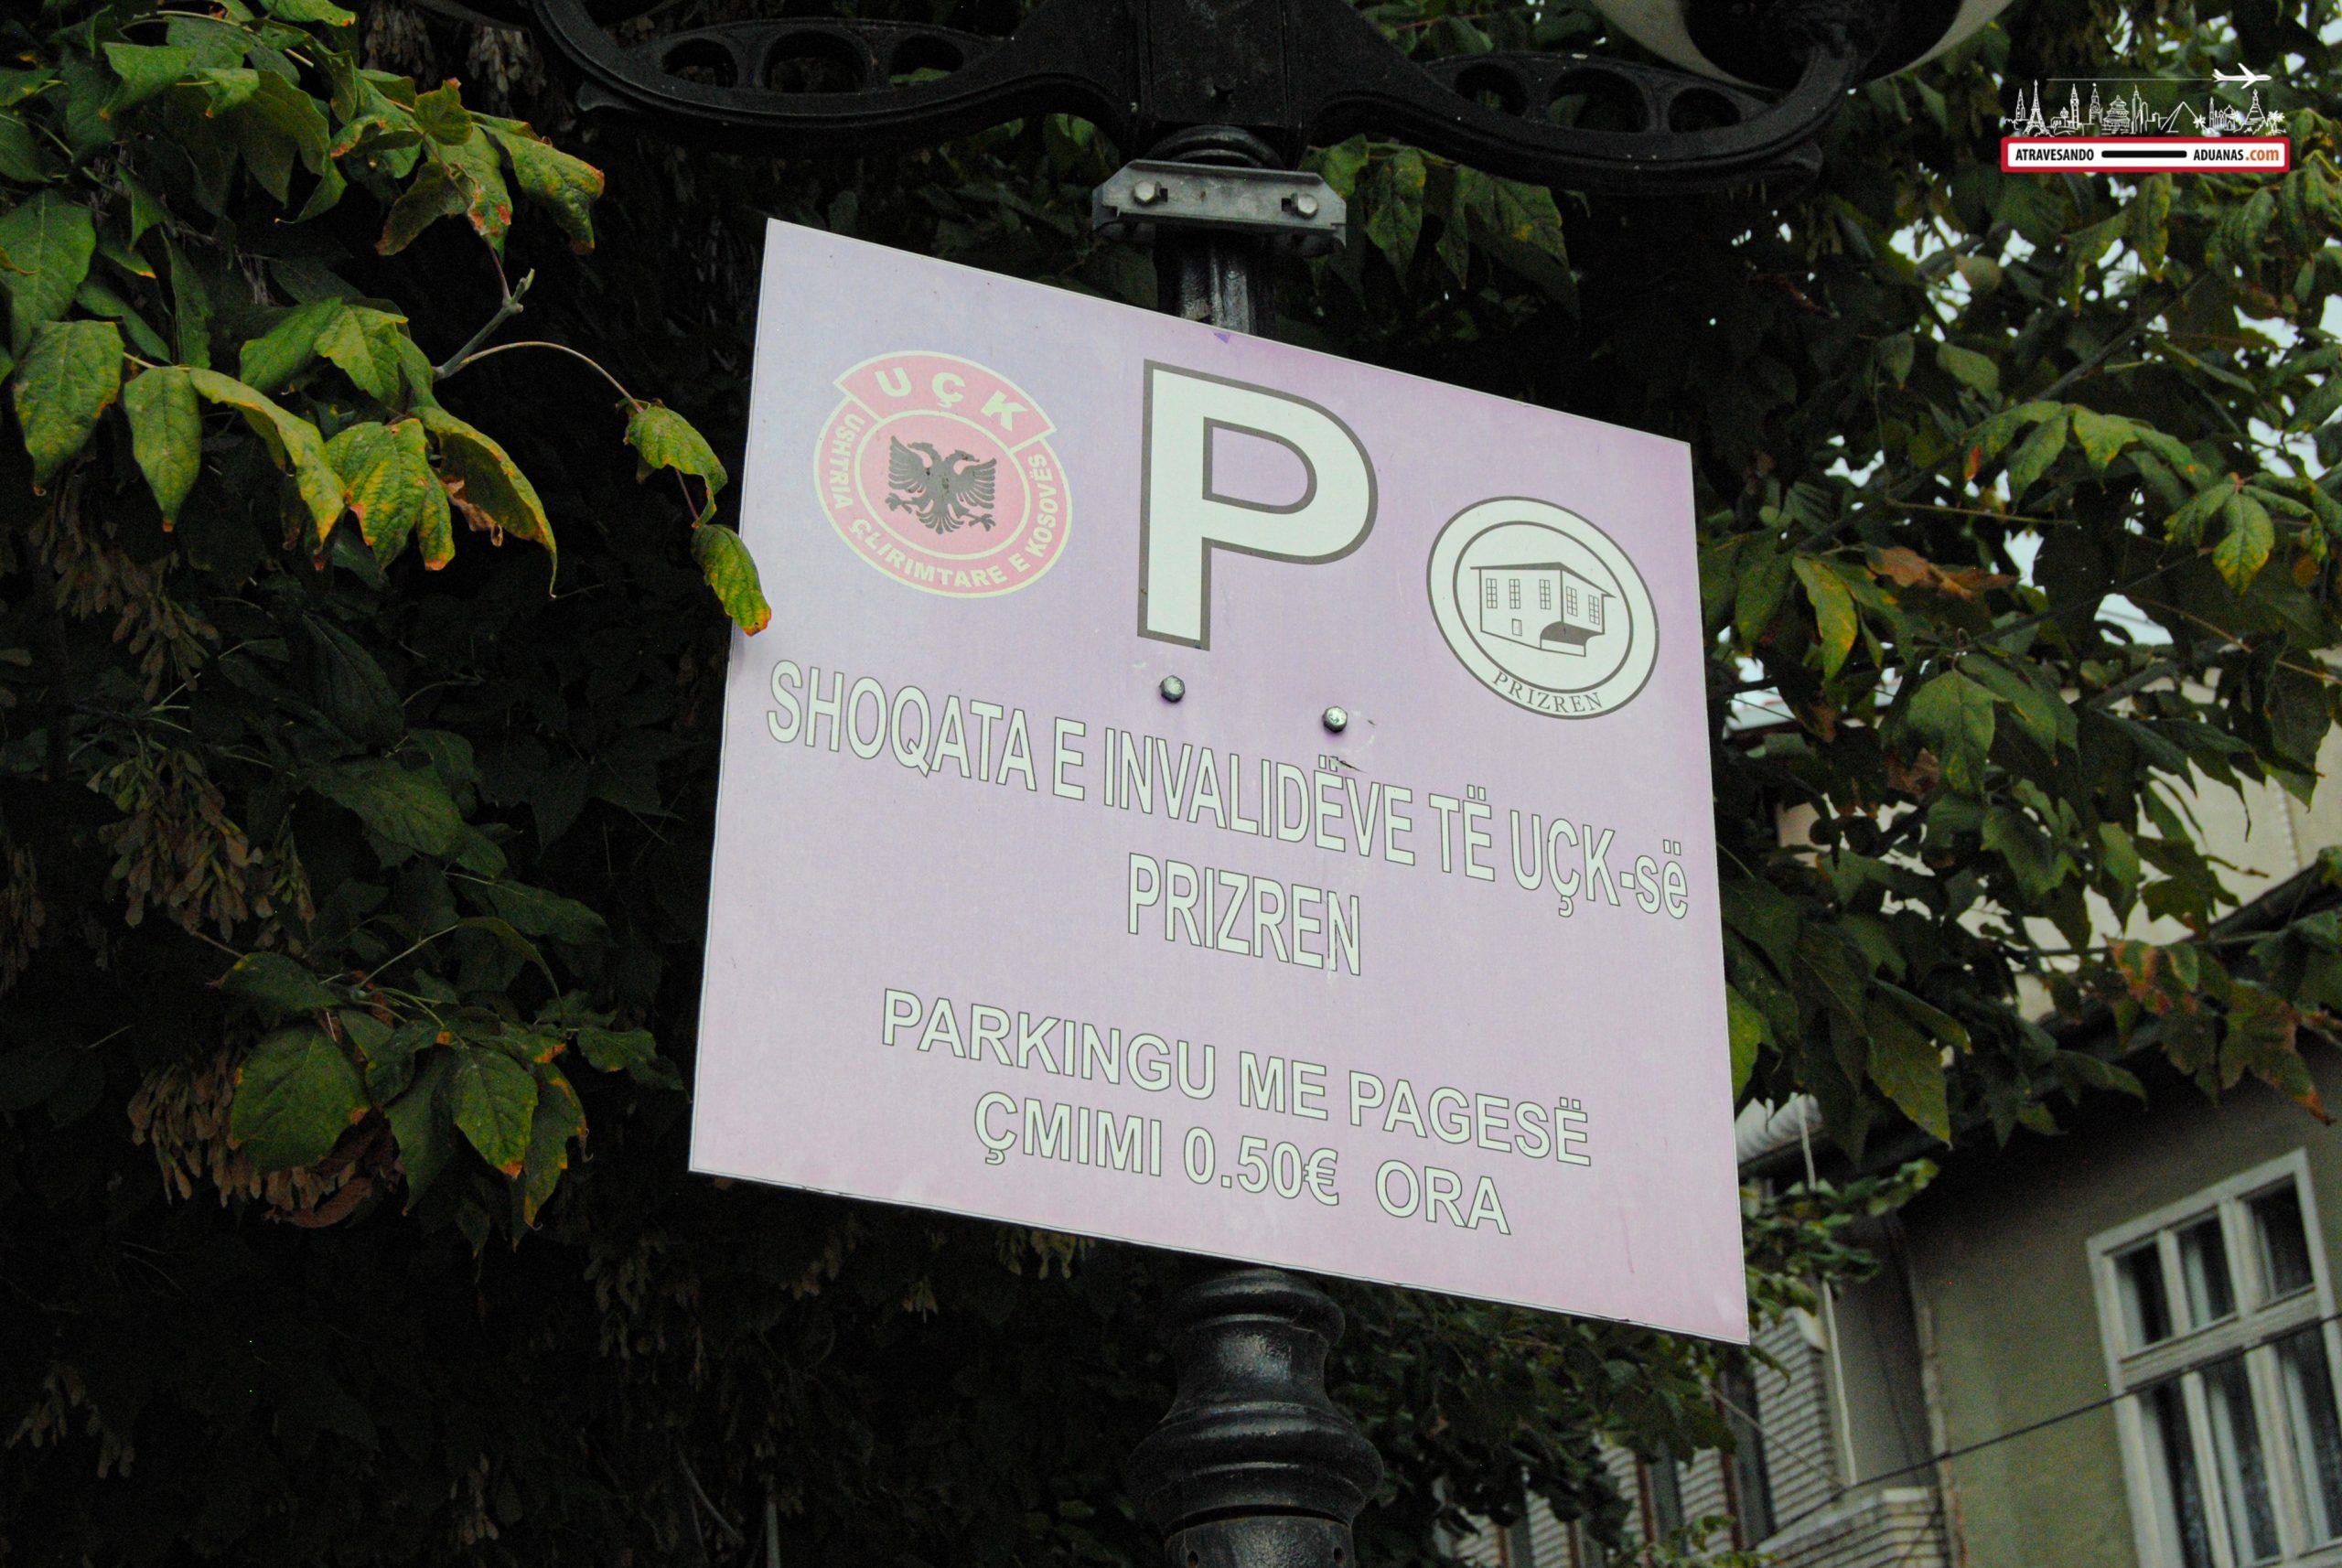 Plaza de párking haciendo referencia a miembros del UÇK